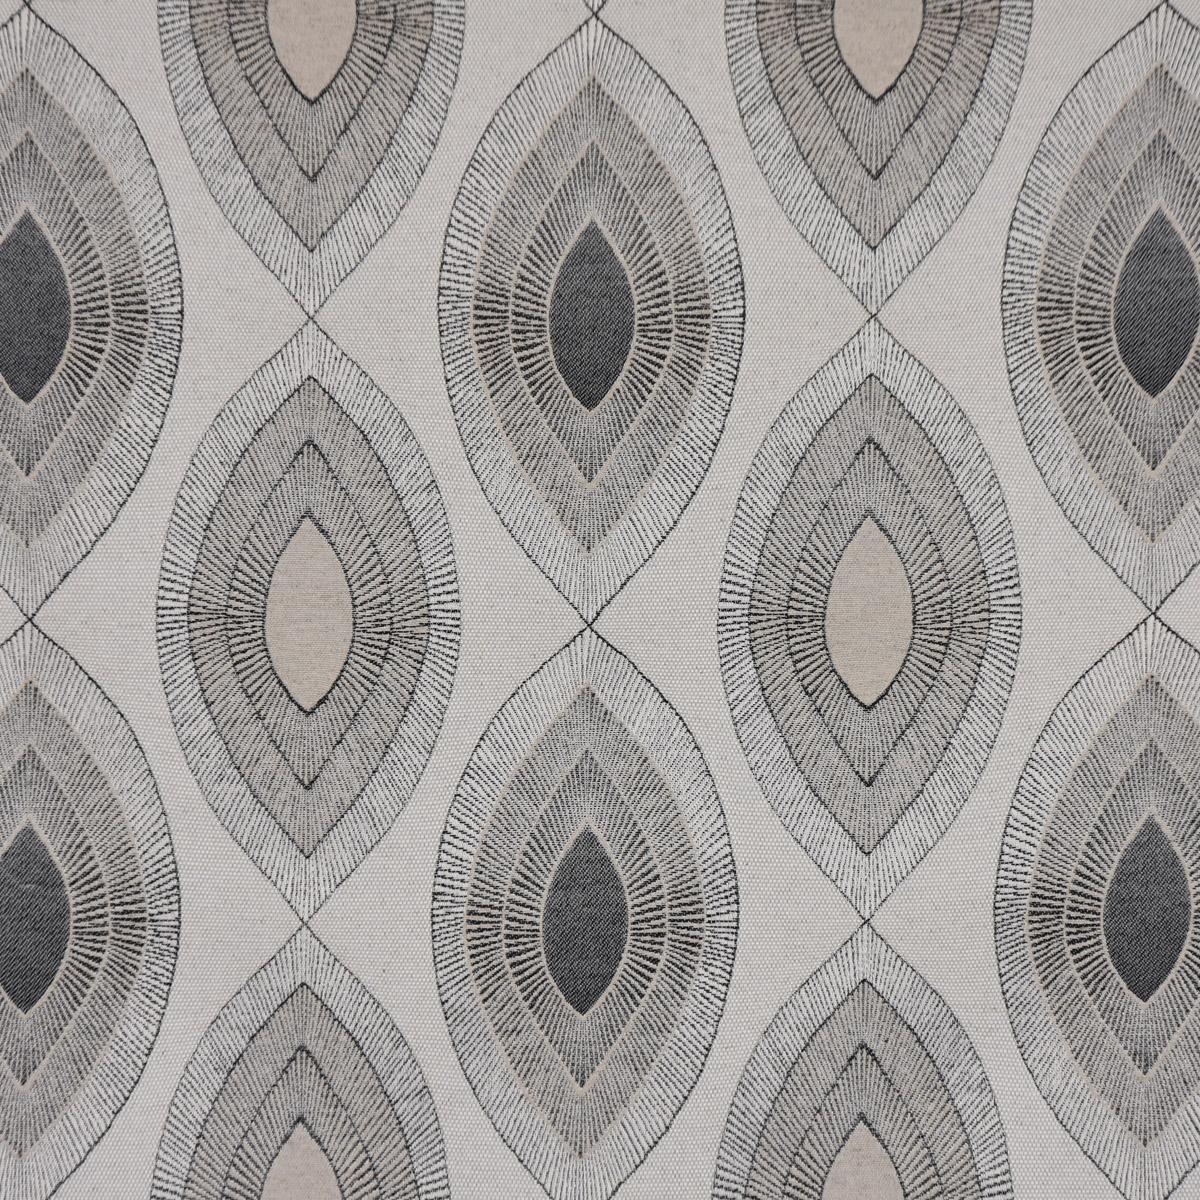 Dekostoff Jacquard Wendestoff Leinen Blätter geometrisch ecru schwarz 2,8m Breite